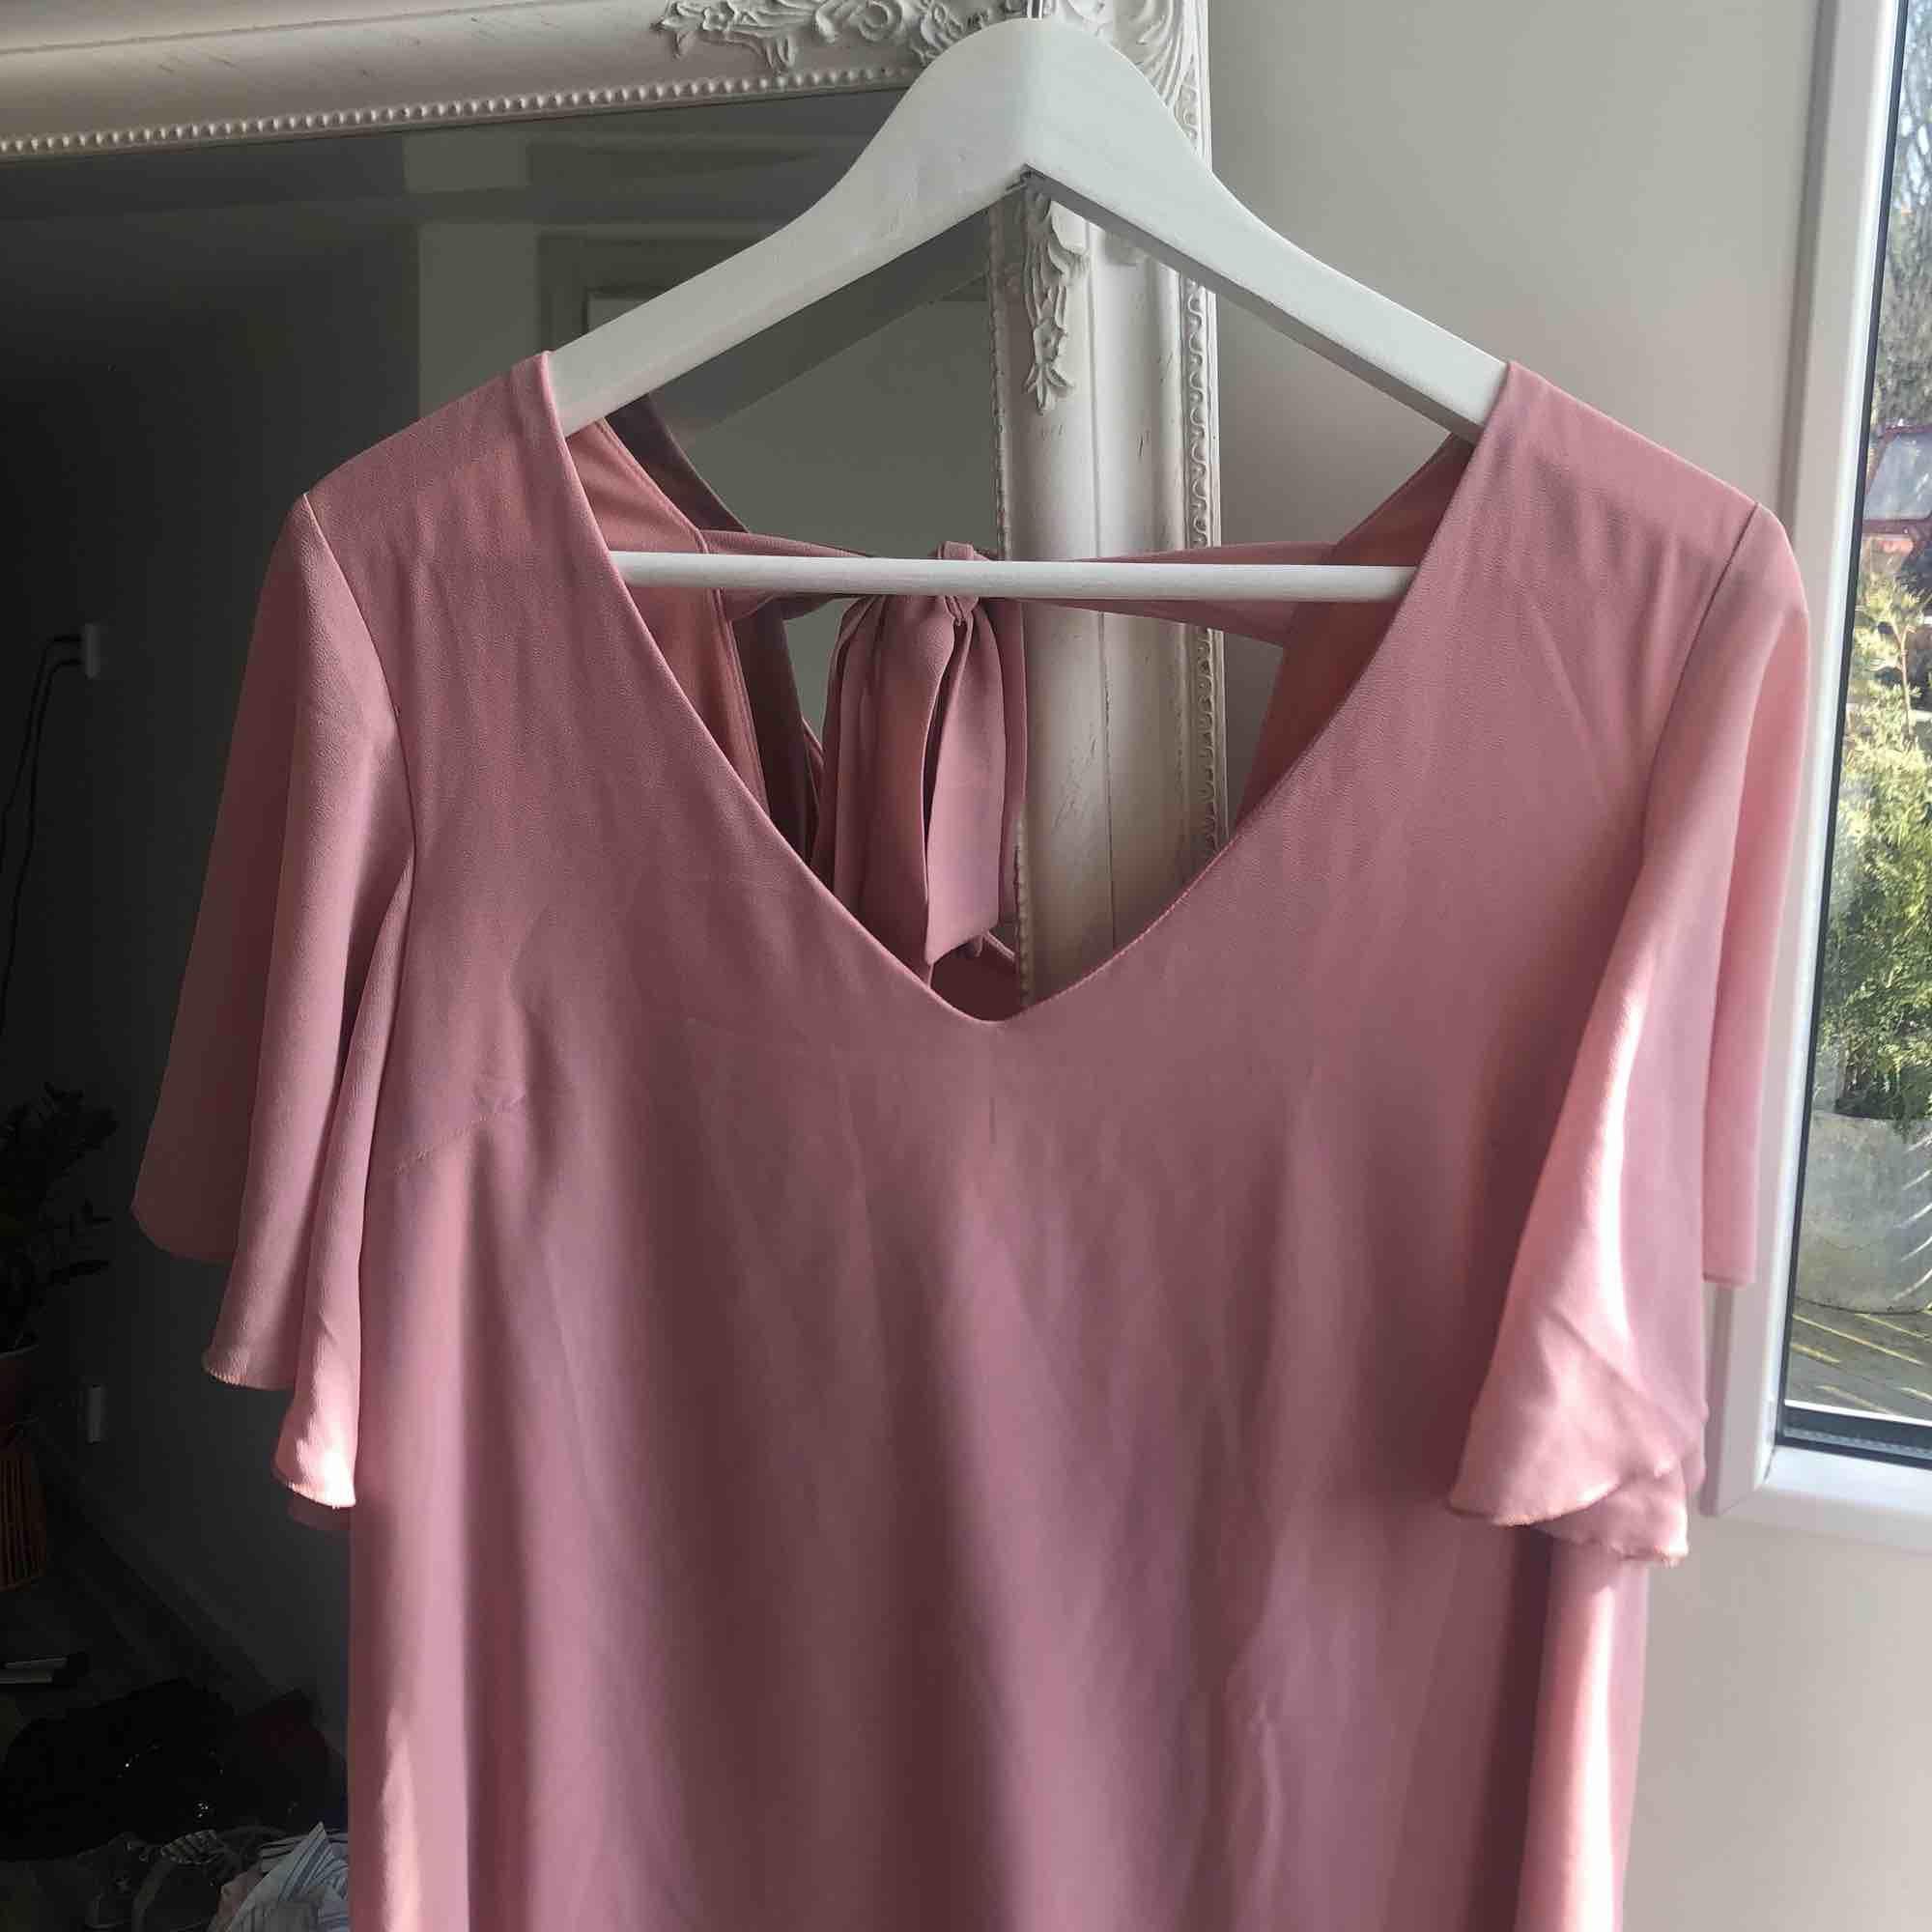 Superfin klänning som skulle sitta så mycket finare på dig, då jag inte passar i puderrosa/gammelrosa! 🌞 20 kr frakt. Klänningar.